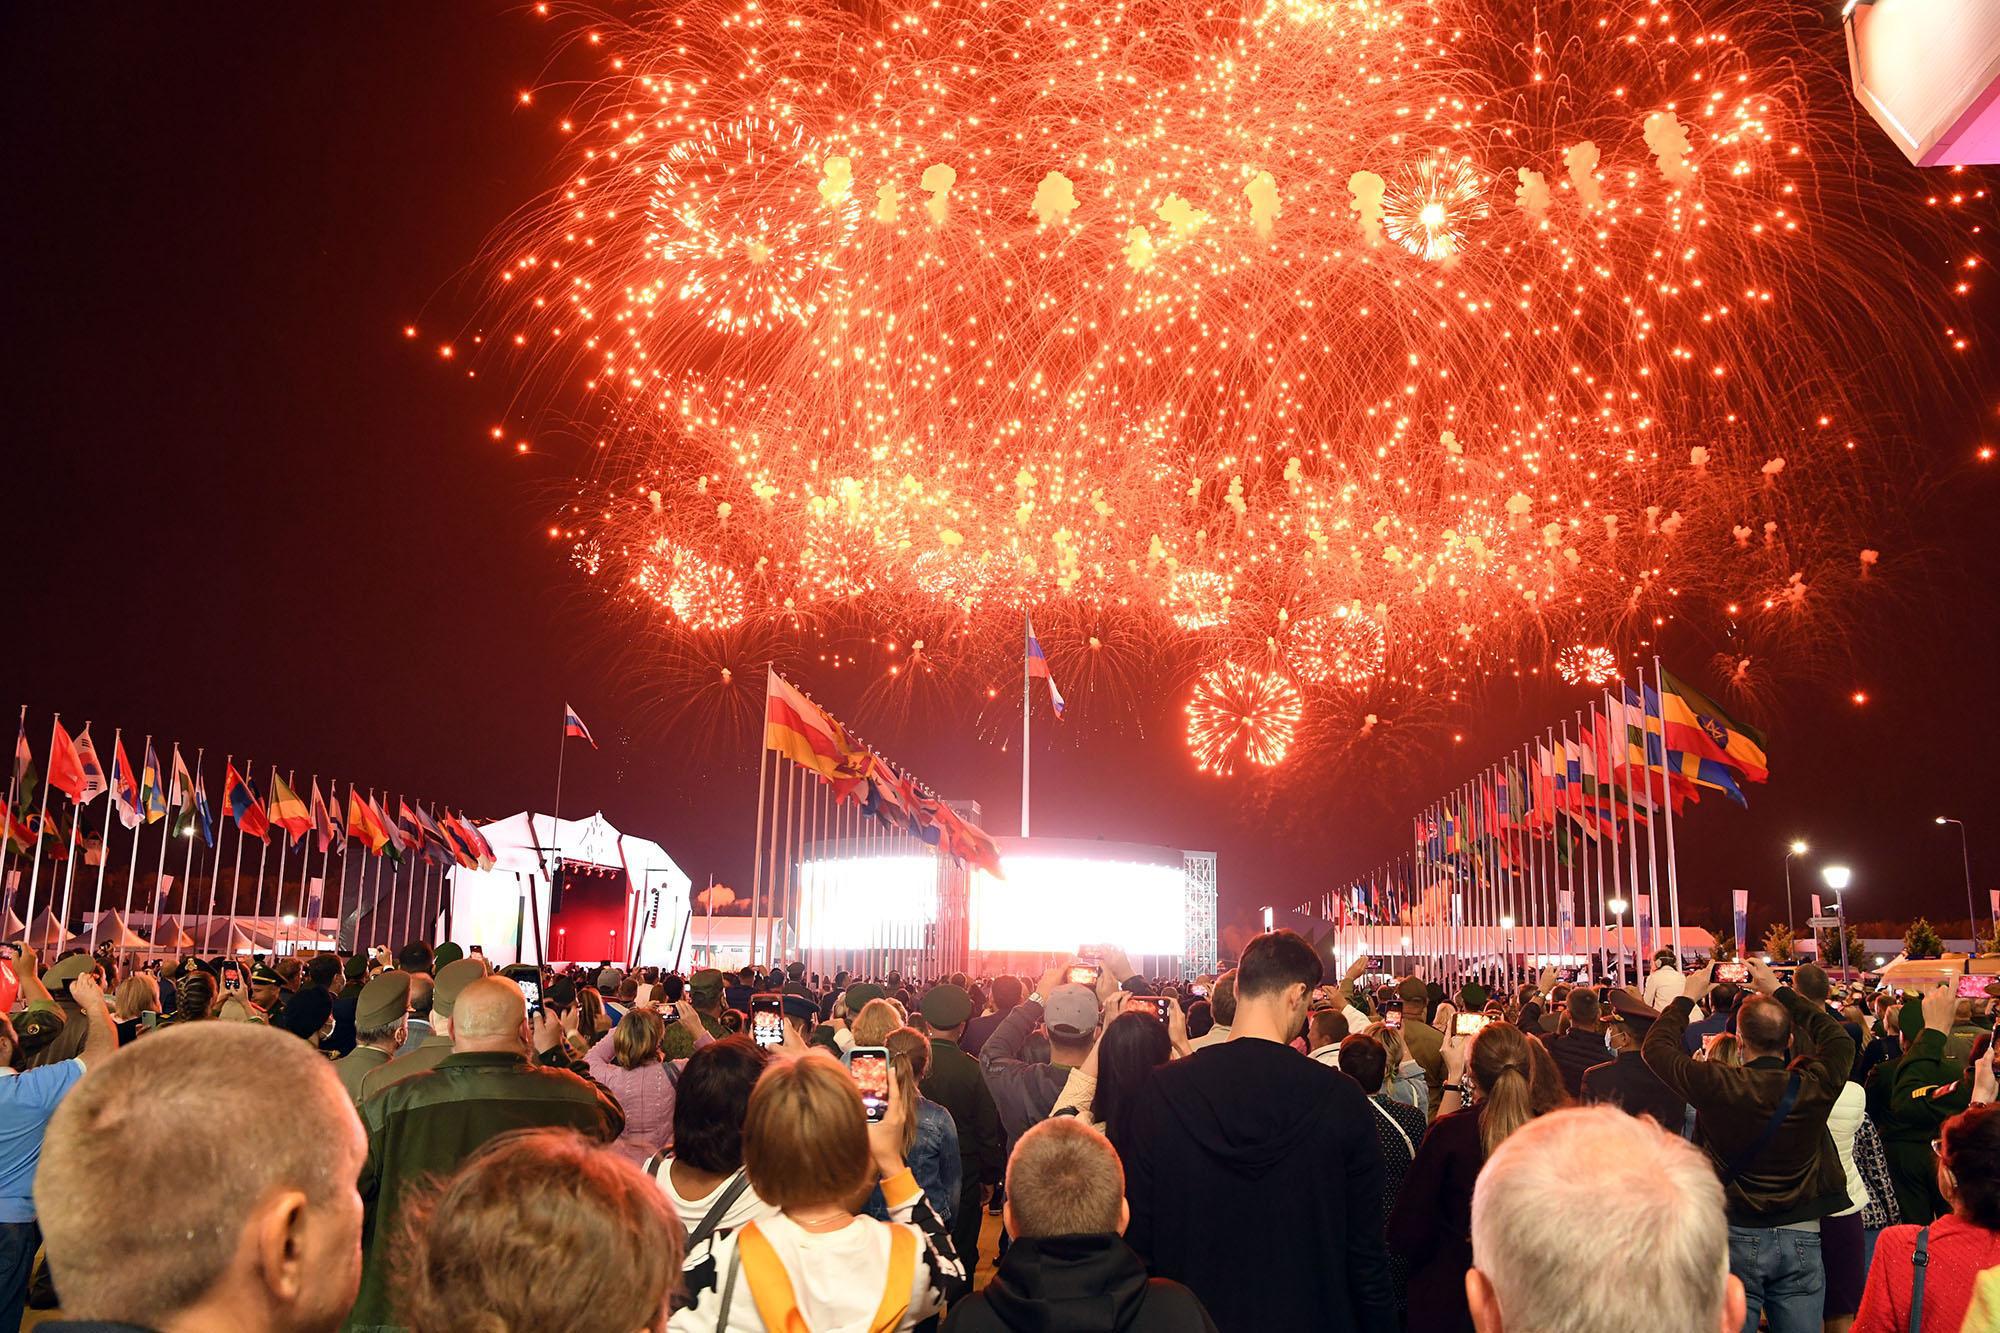 Những hình ảnh ấn tượng, pháo hoa rực rỡ tại lễ bế mạc Army Games 2020 - Ảnh 12.